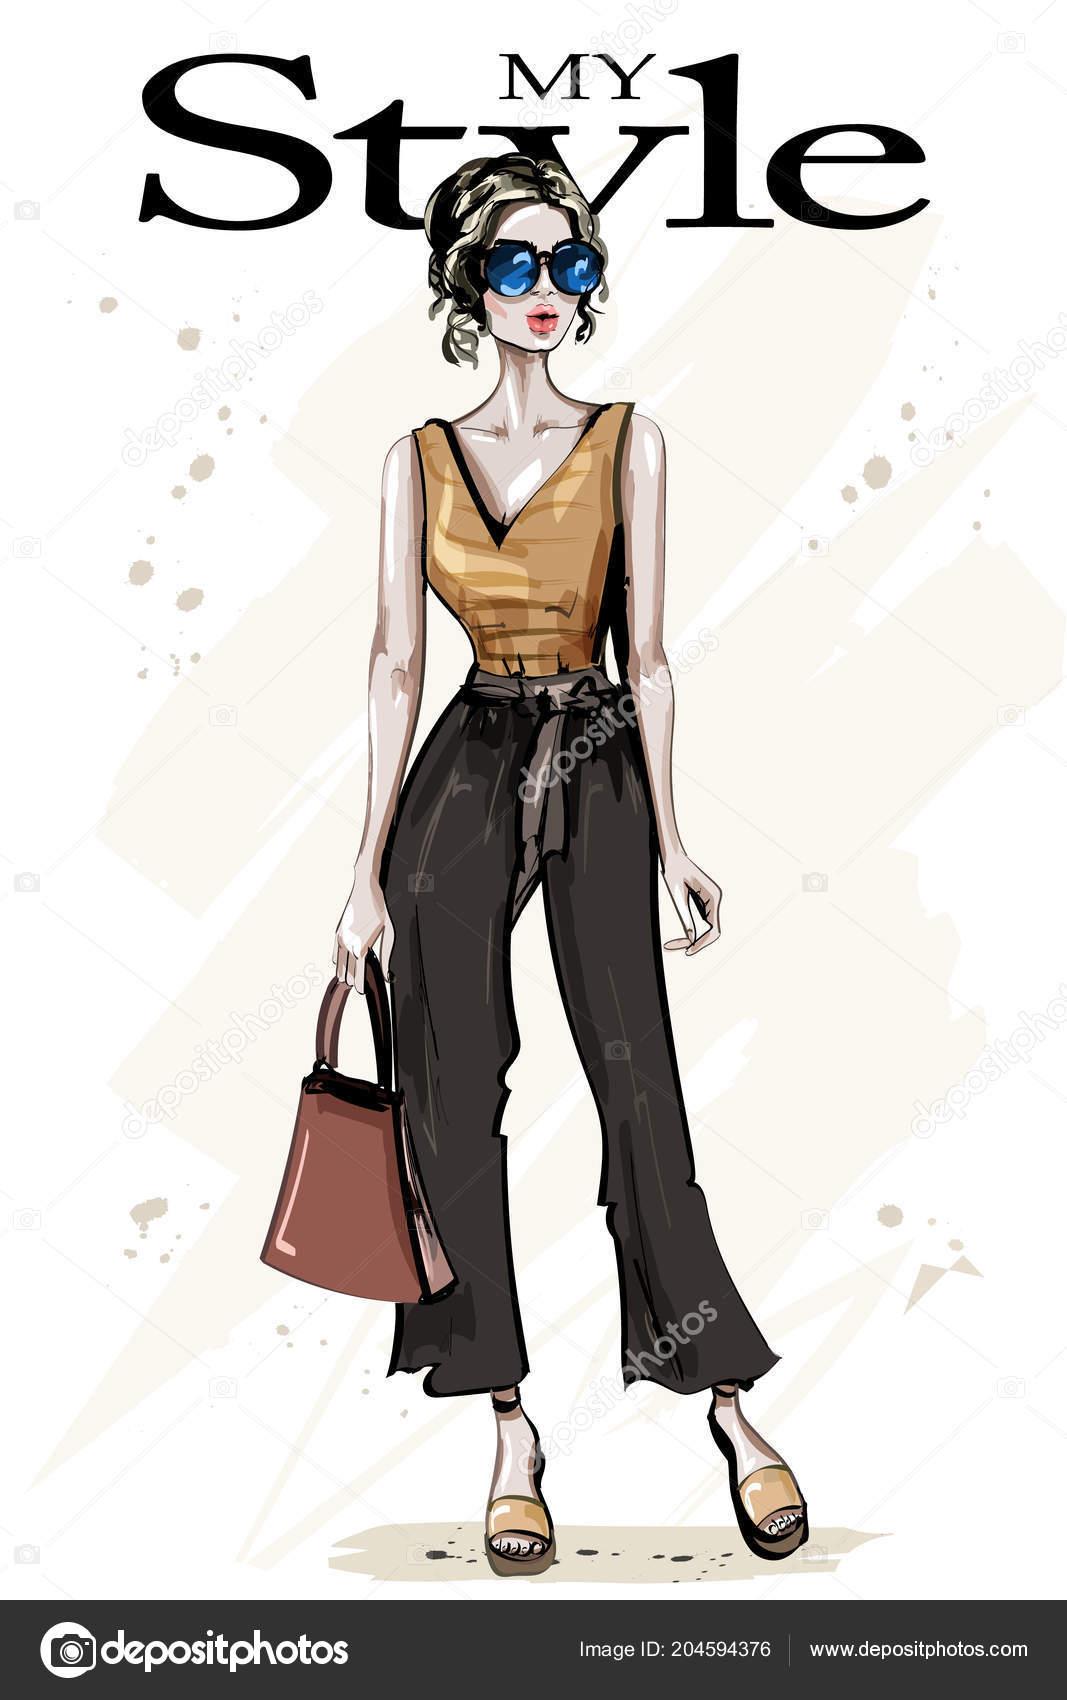 da6d56bfb Mão Desenhada Bonita Jovem Com Saco Moda Mulher Óculos Sol — Vetores de  Stock